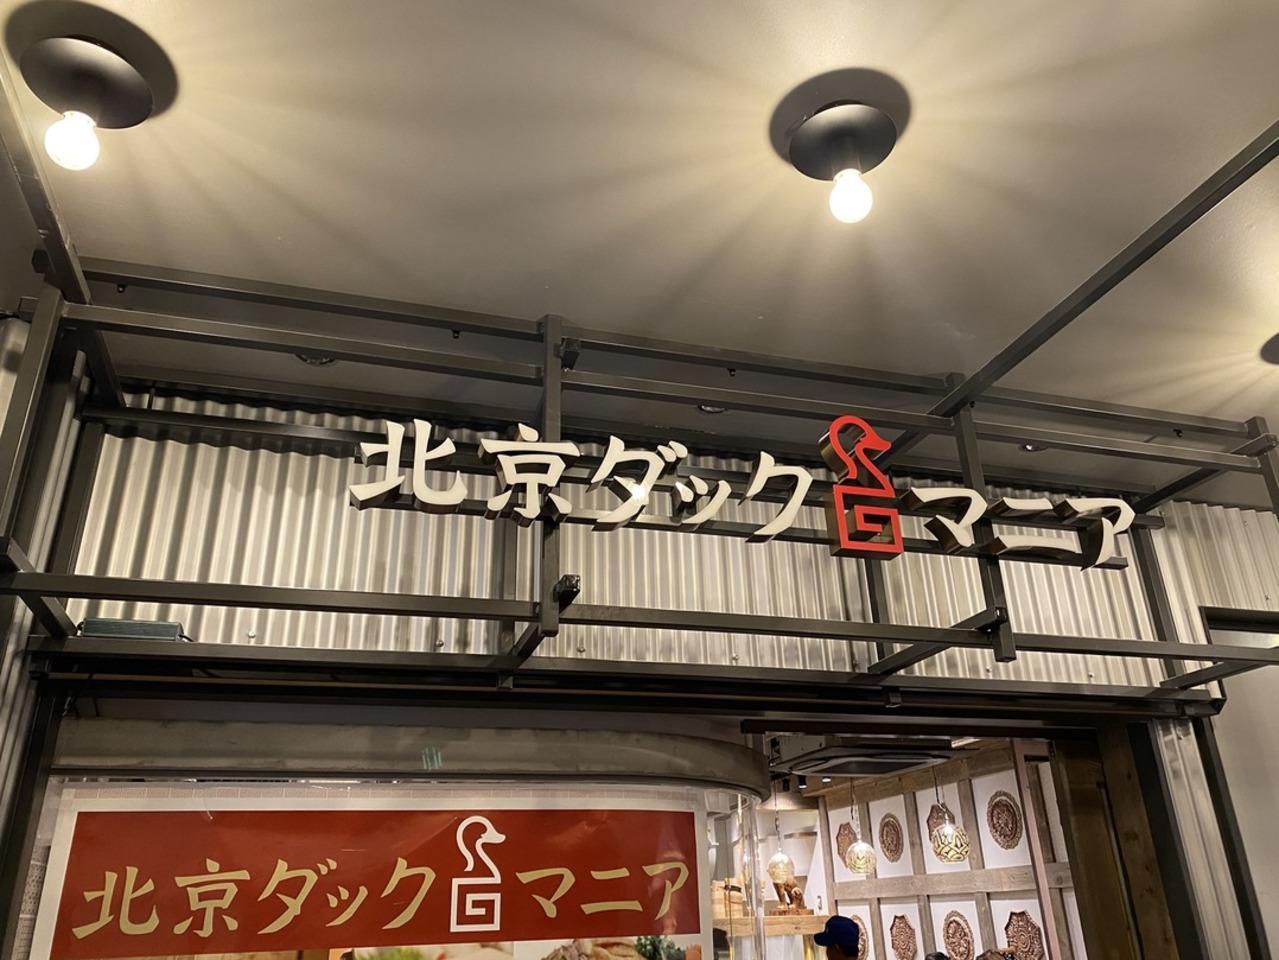 東京都港区高輪3丁目に「北京ダックマニア」が10/21オープンされたようです。